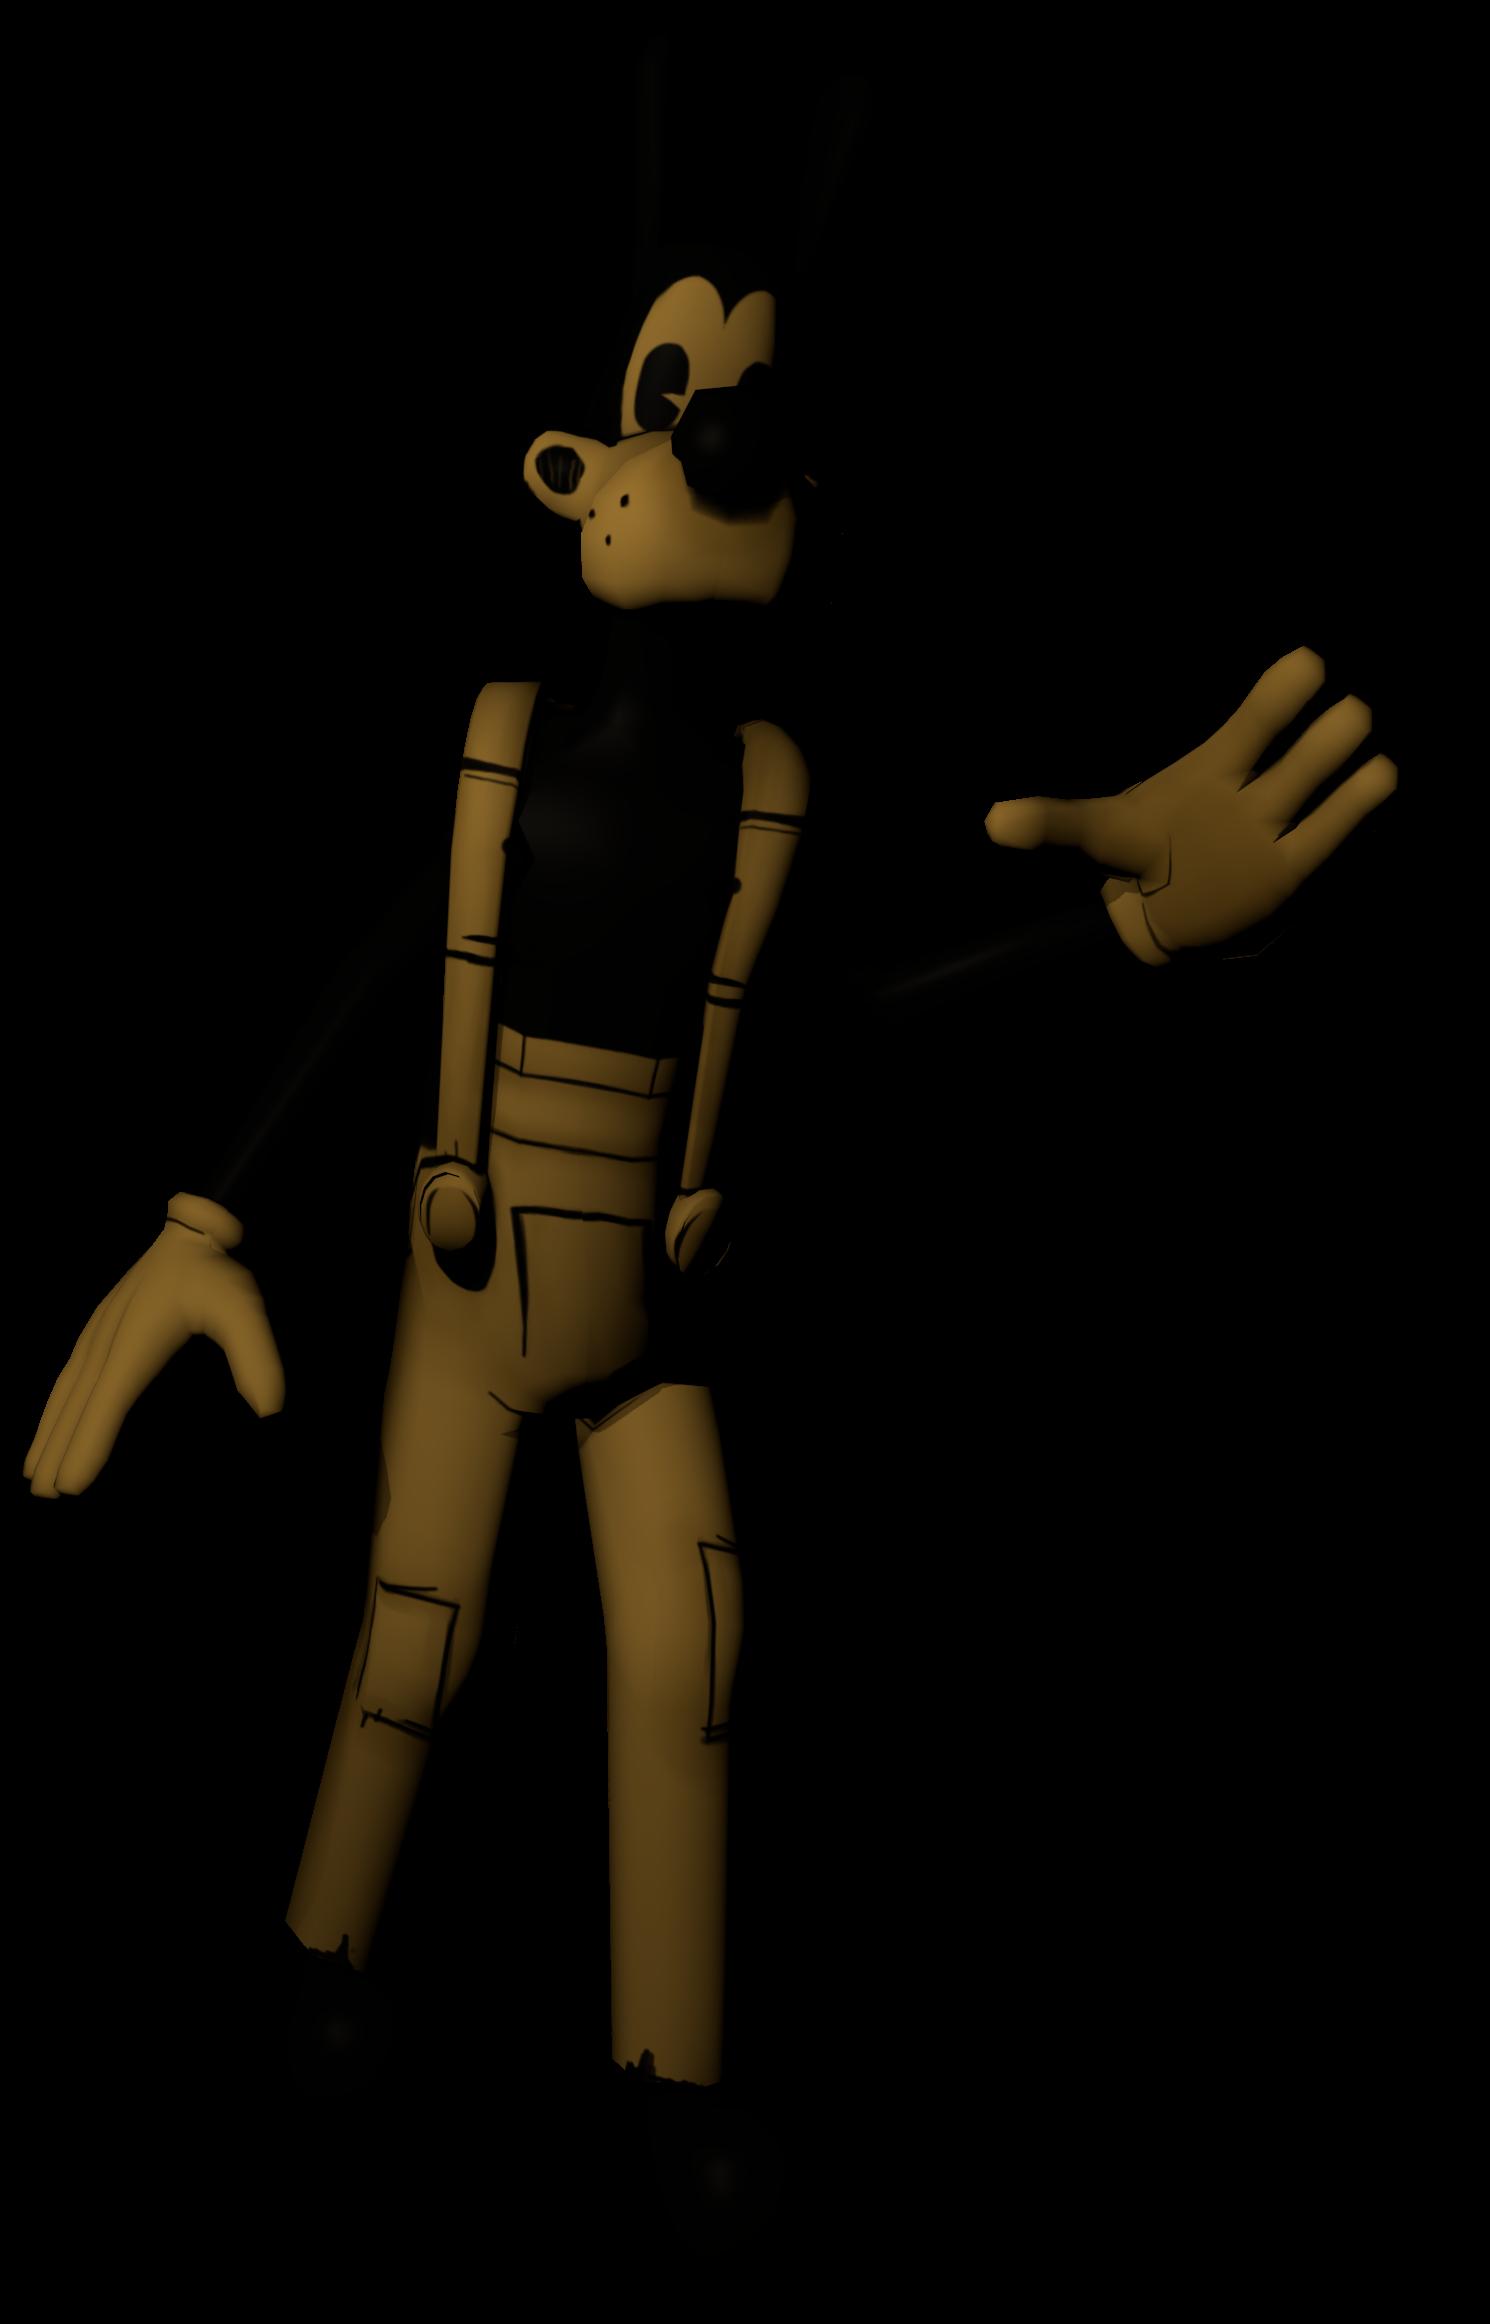 картинки персонажи из игры бенди поисковой строке